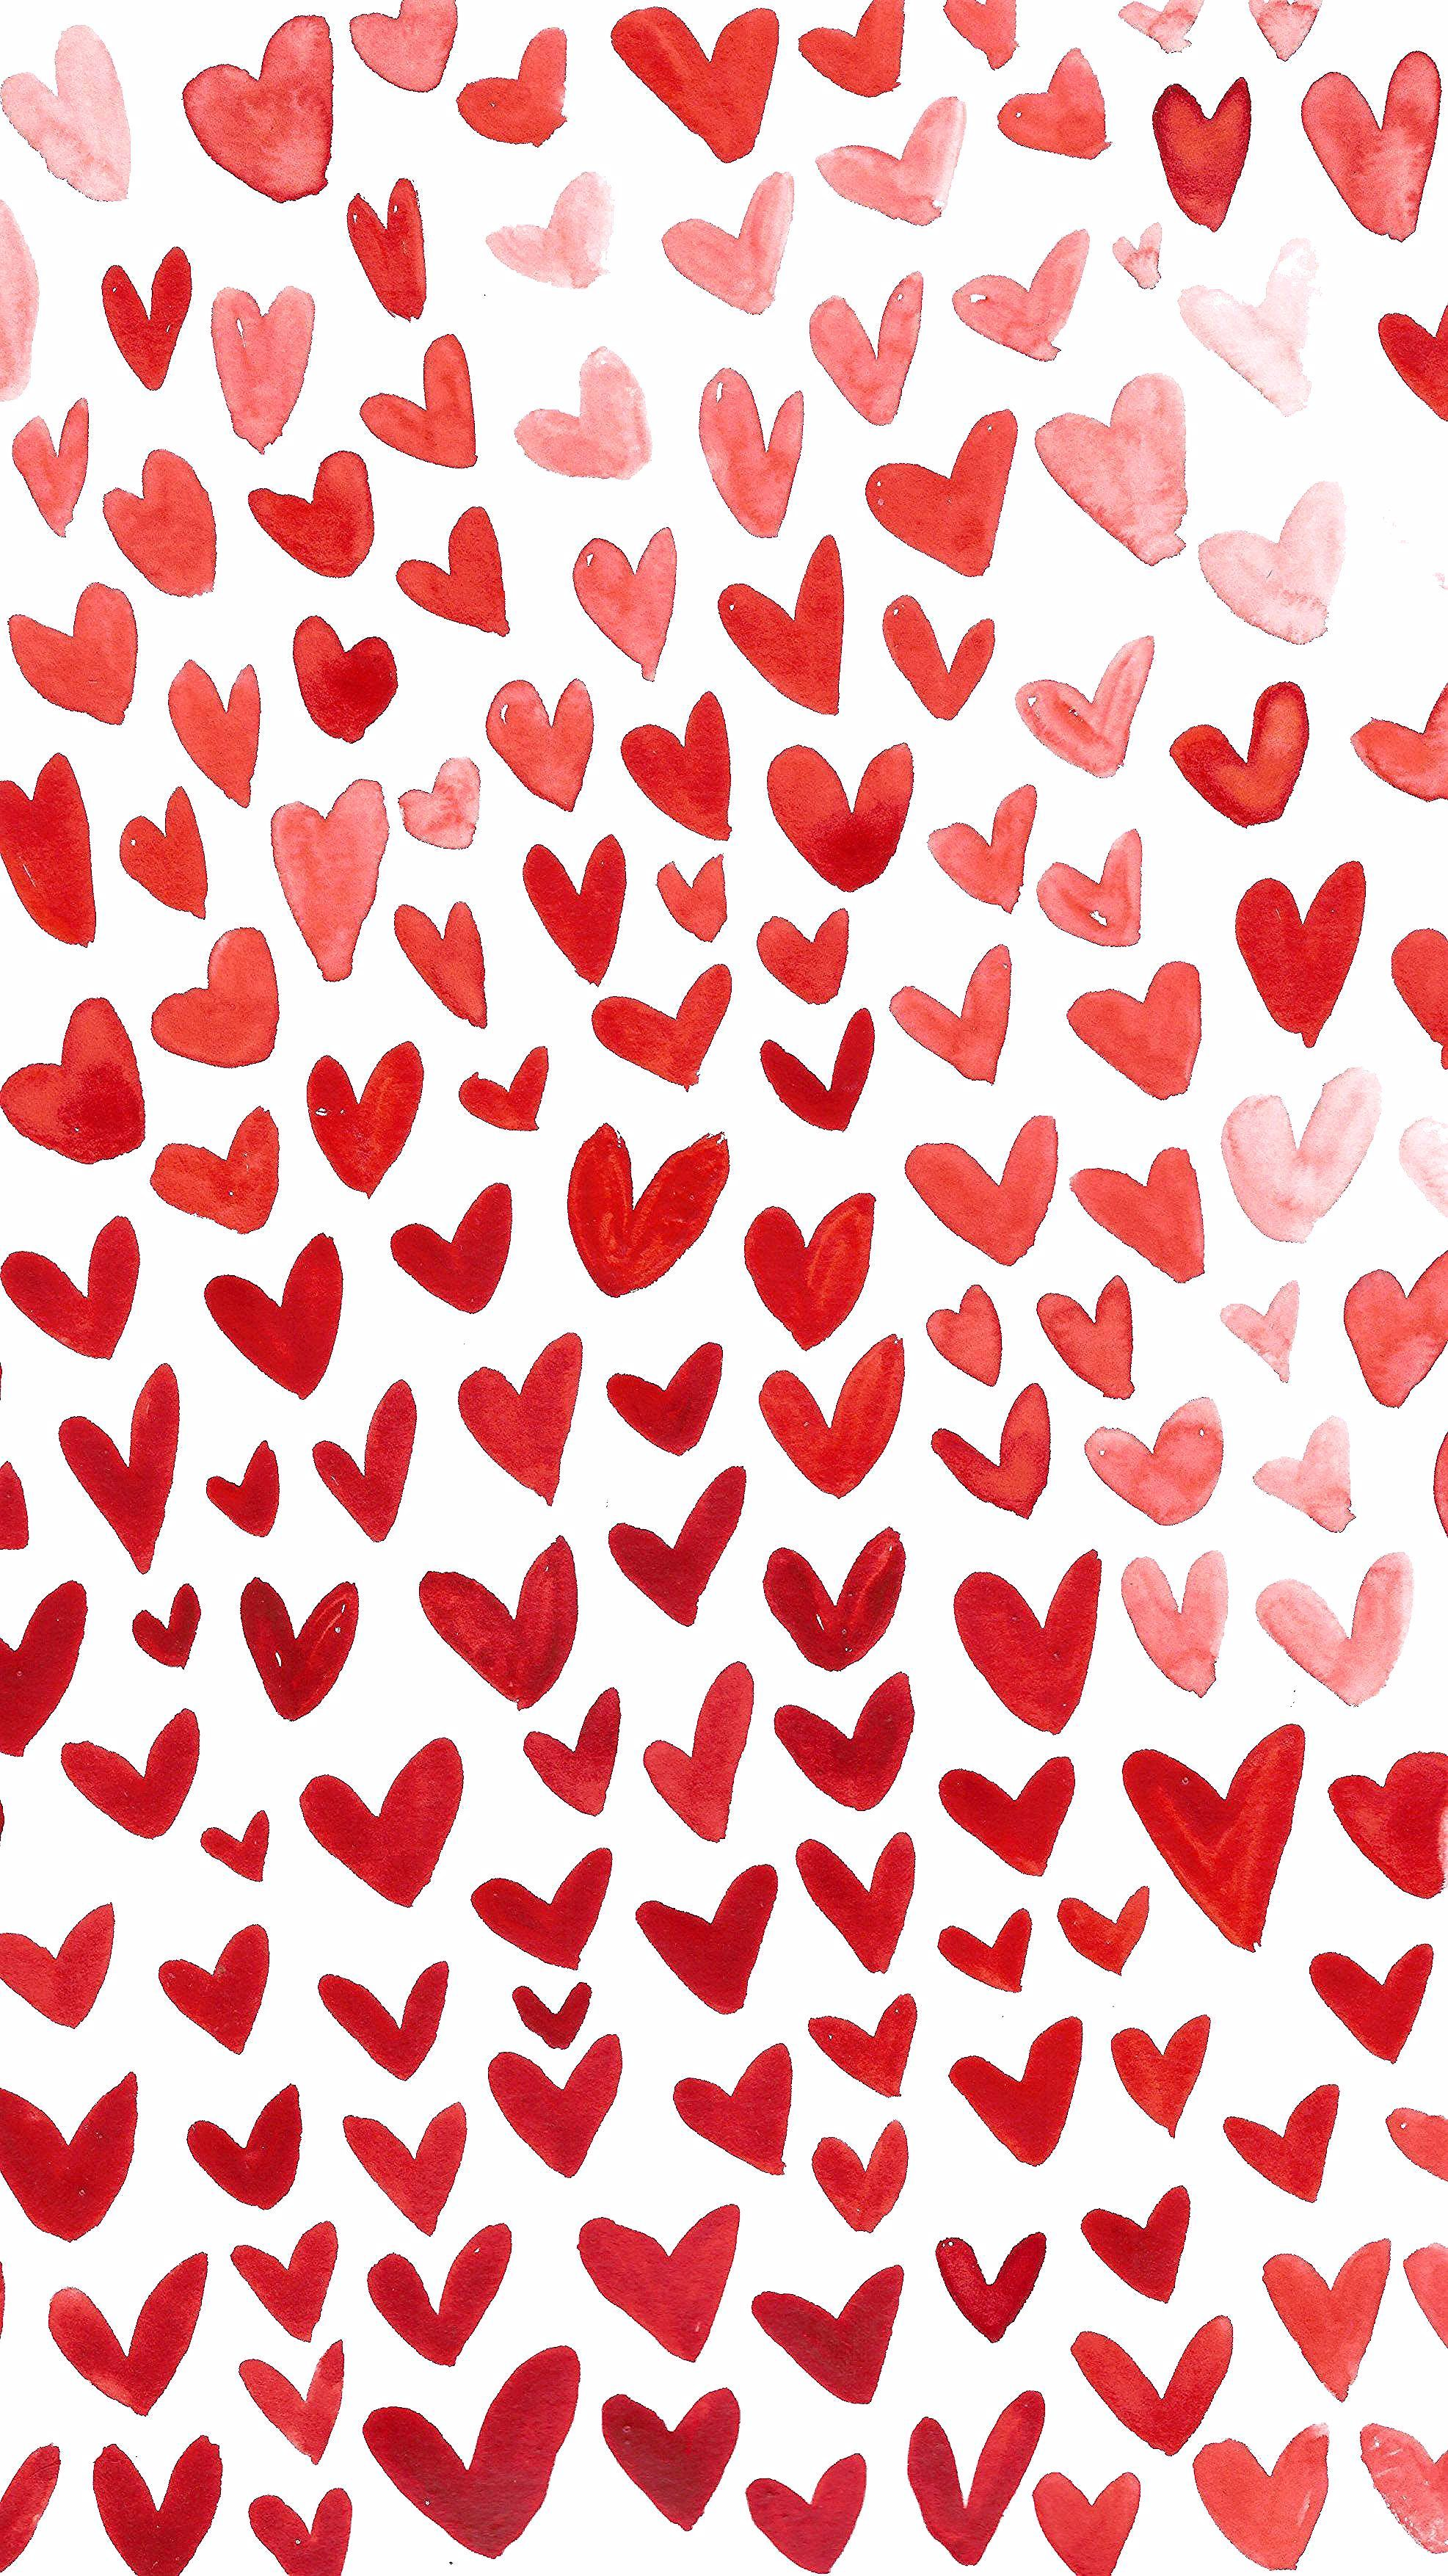 Valentine S Day Phone Background Valentines Day Wallpaper Iphone Wallpaper Valentines Day Background Iphone Background Iphone Wallpaper